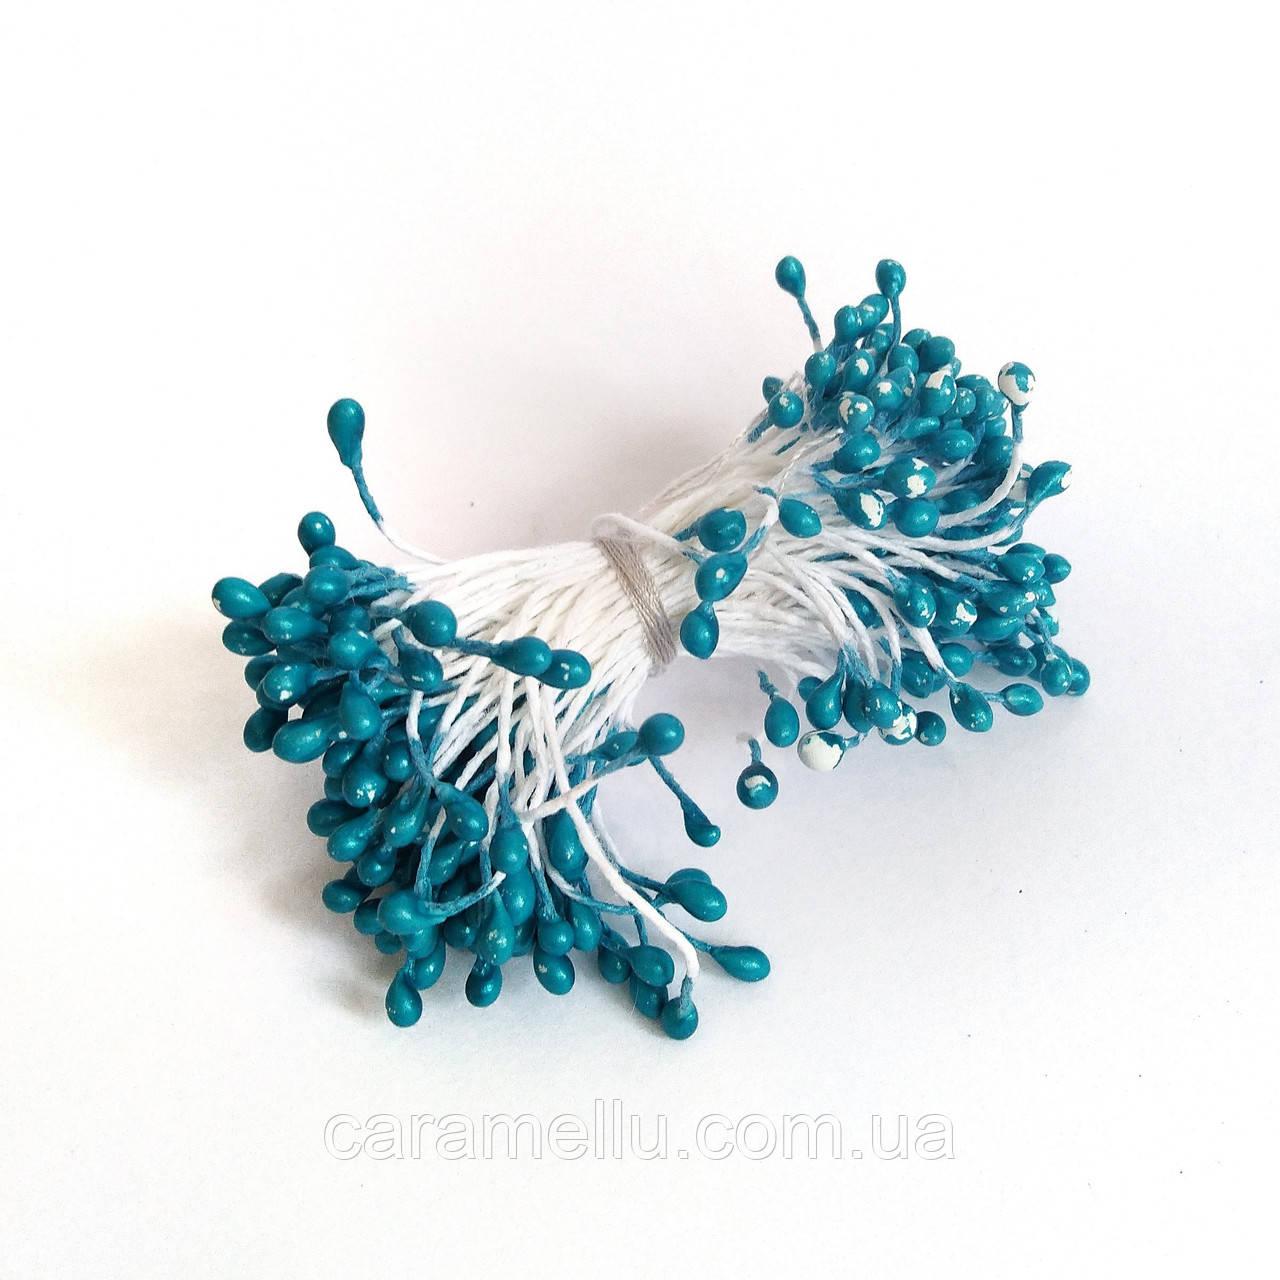 Тычинки глянцевые на нитке 100 штук(200 головок). Цвет  ярко-голубой